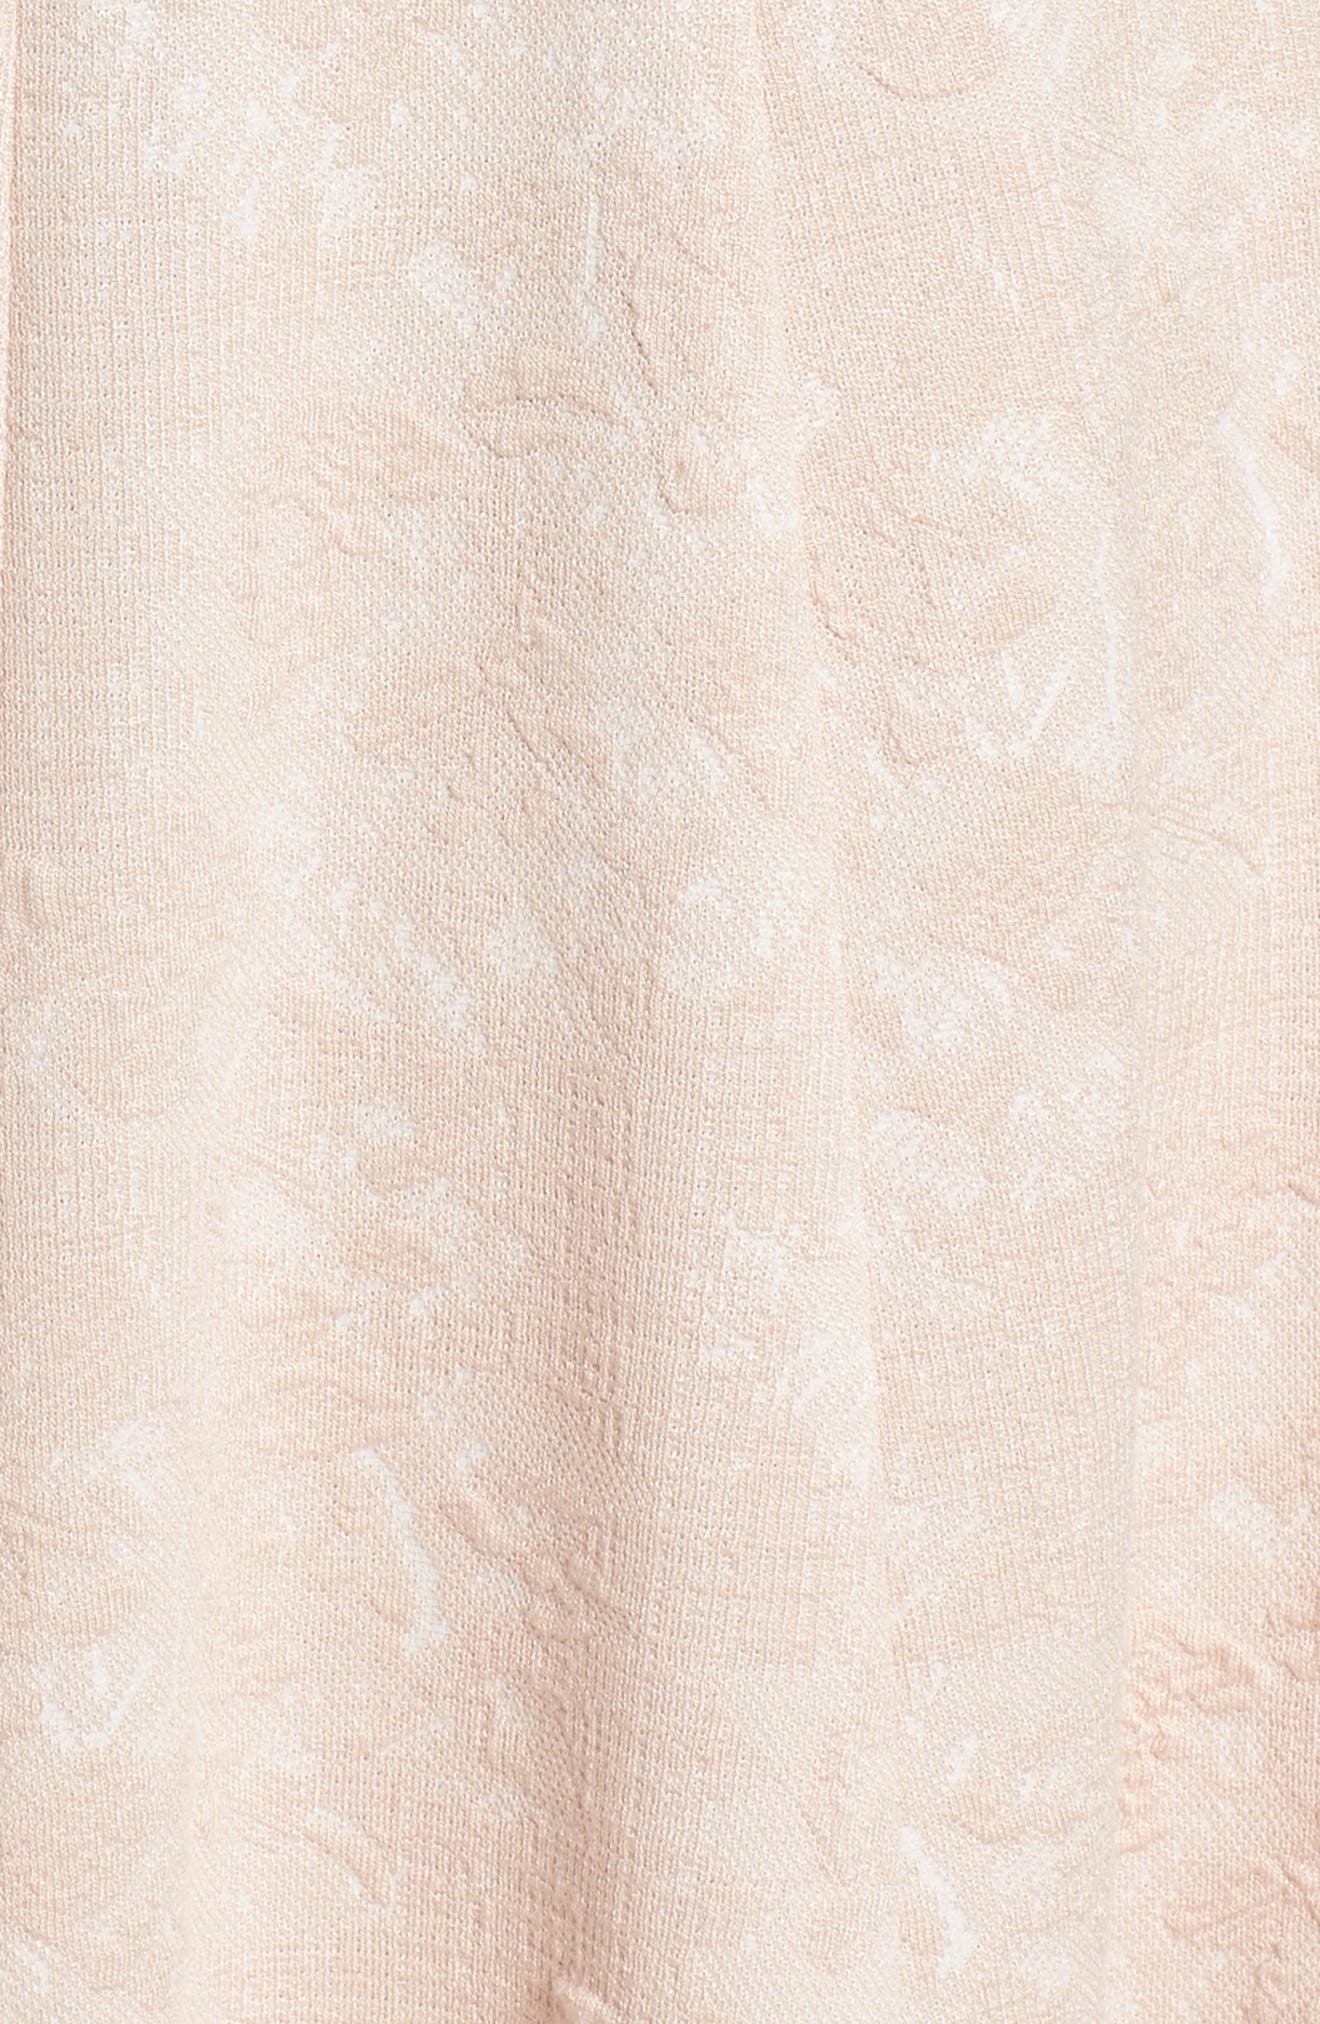 Jacquard Knit Fit & Flare Dress,                             Alternate thumbnail 6, color,                             Blush